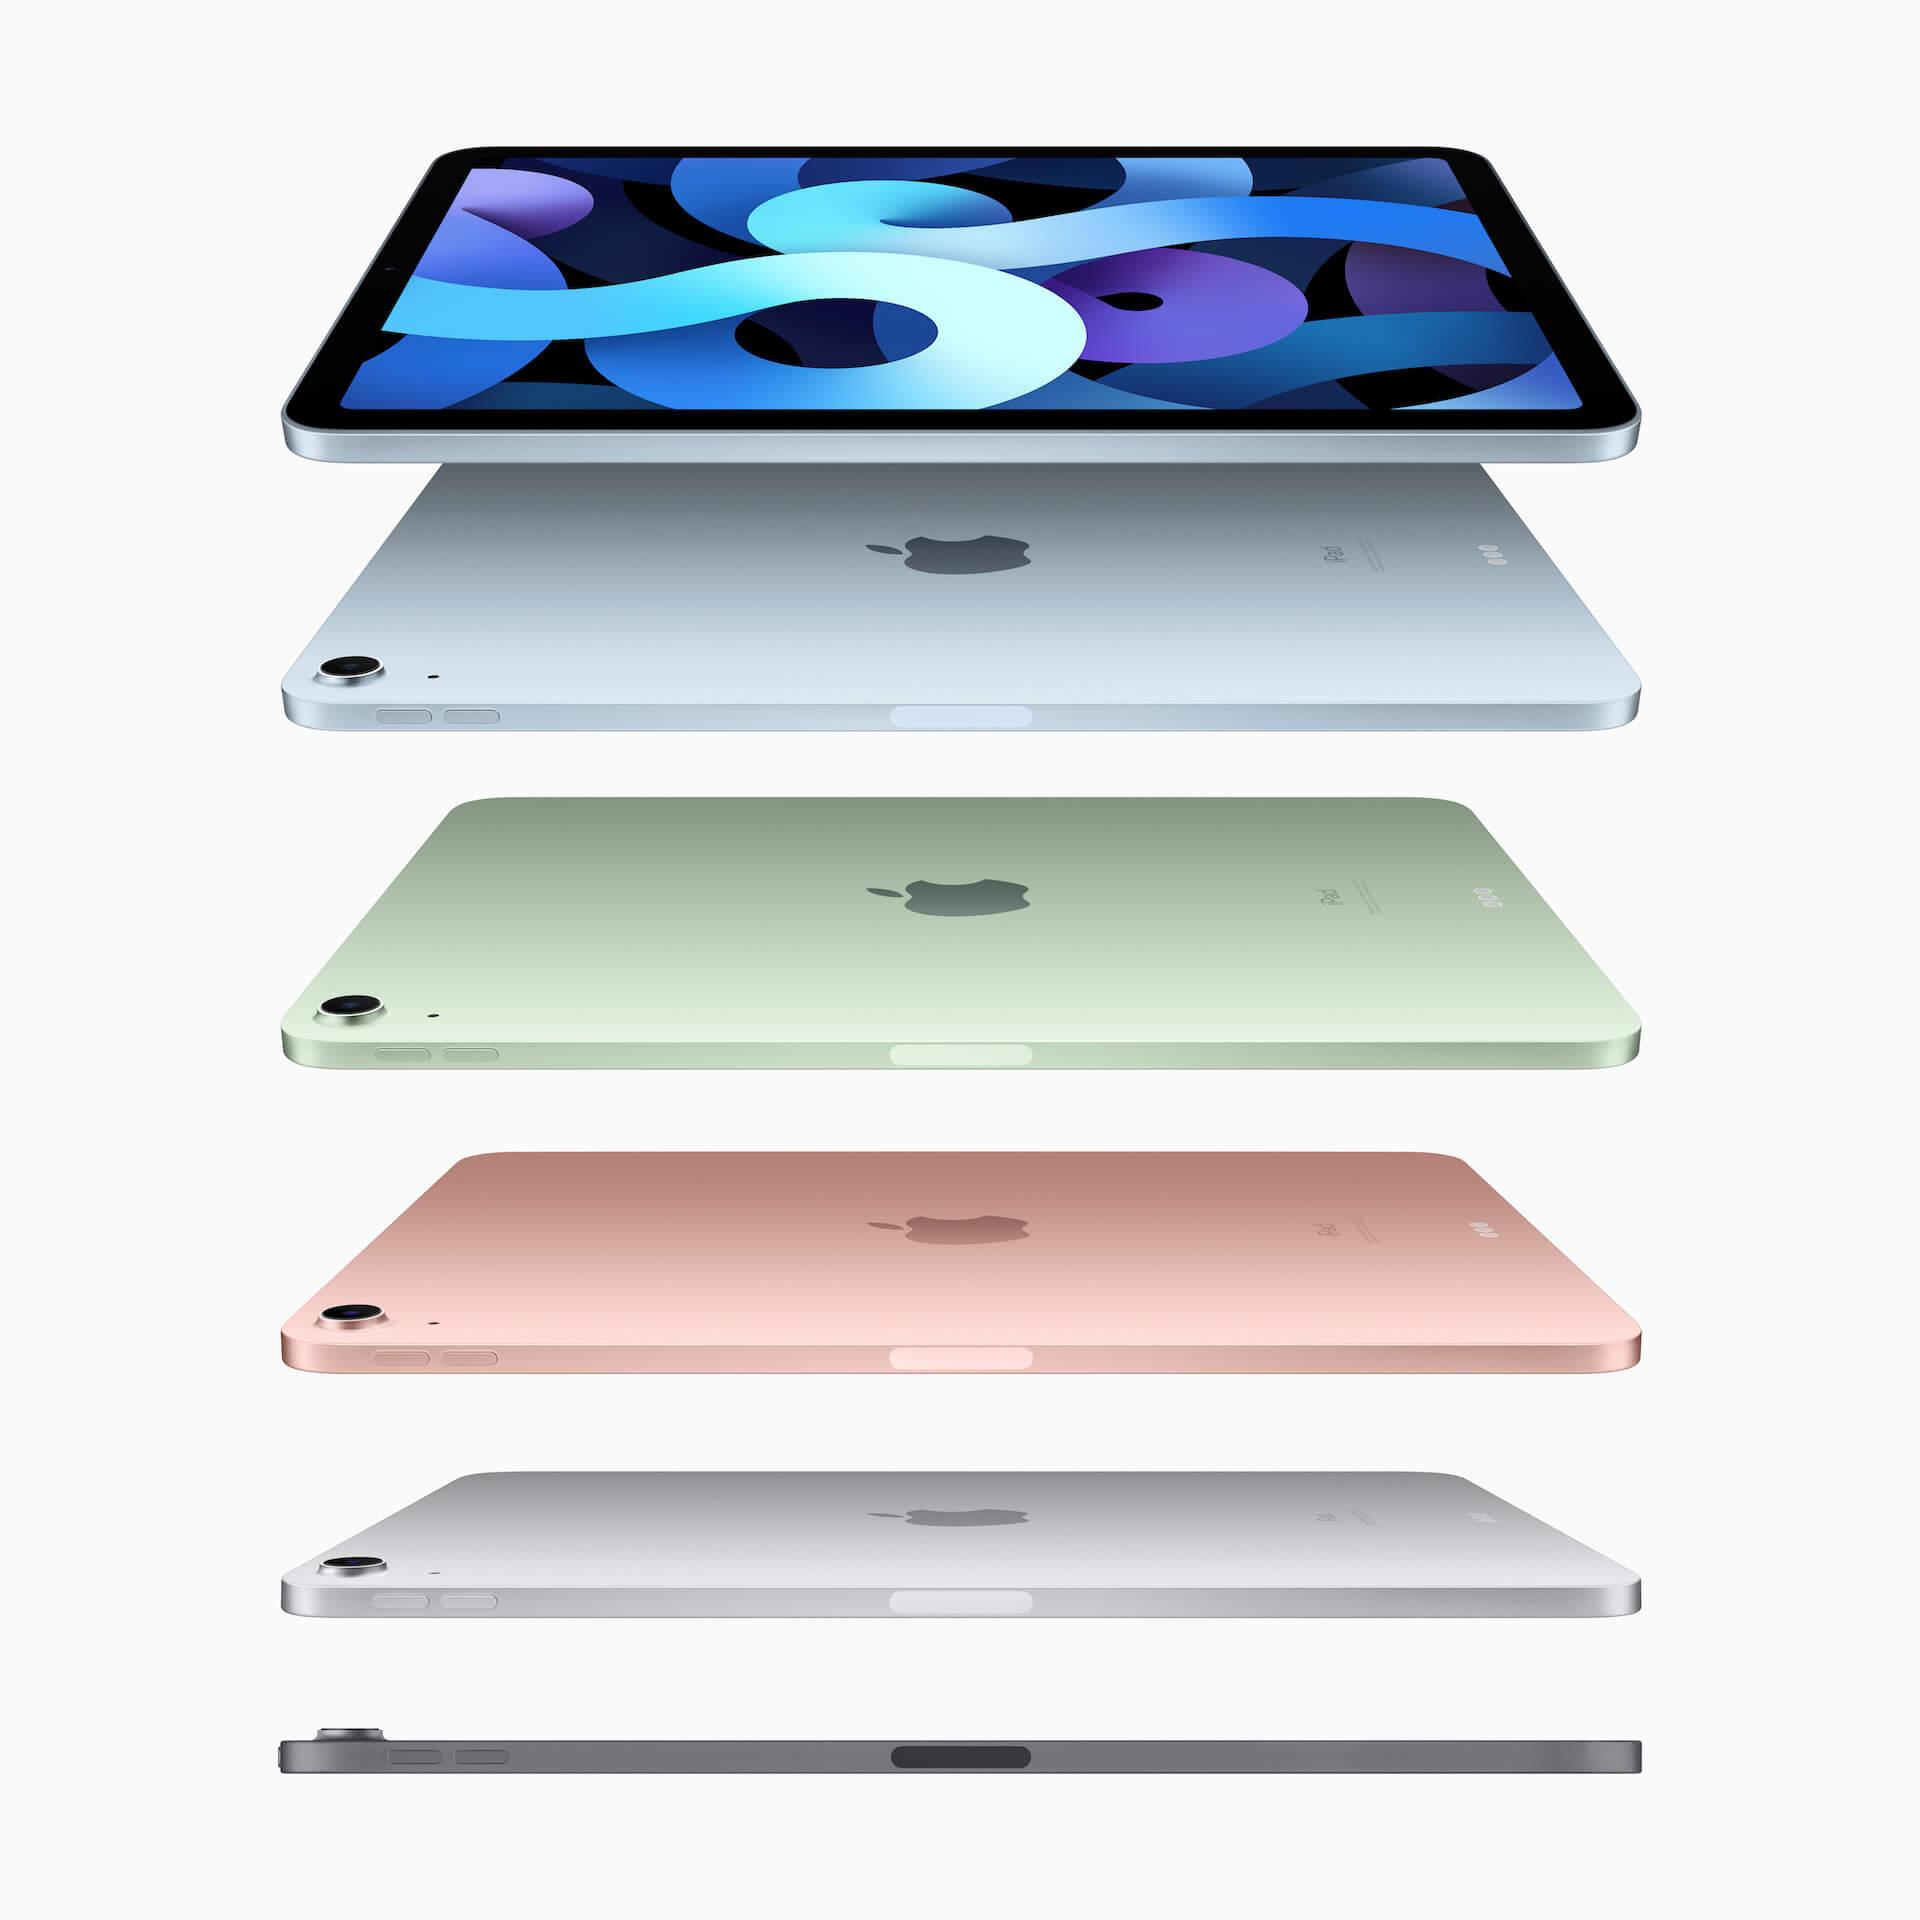 新型iPad AirはiPhone 12と同時に発売?明日開催のApple新製品イベントで判明か|AirPods Studio、AirTagsは発表されない可能性 tech201013_apple_main